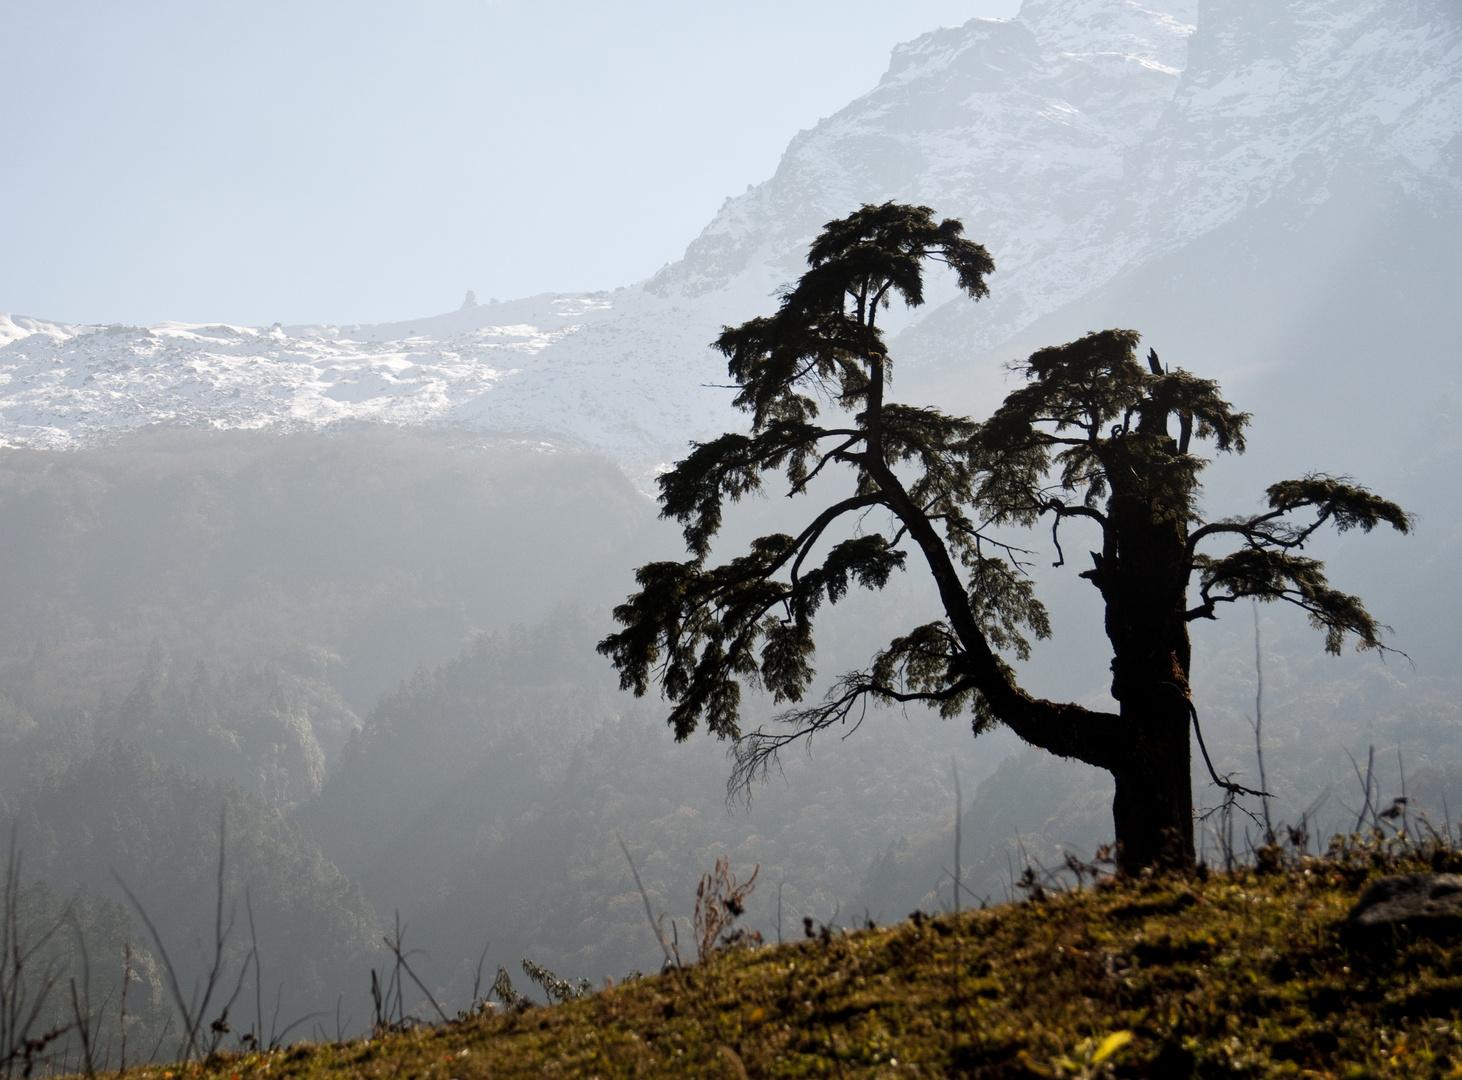 Baum im Himalaya